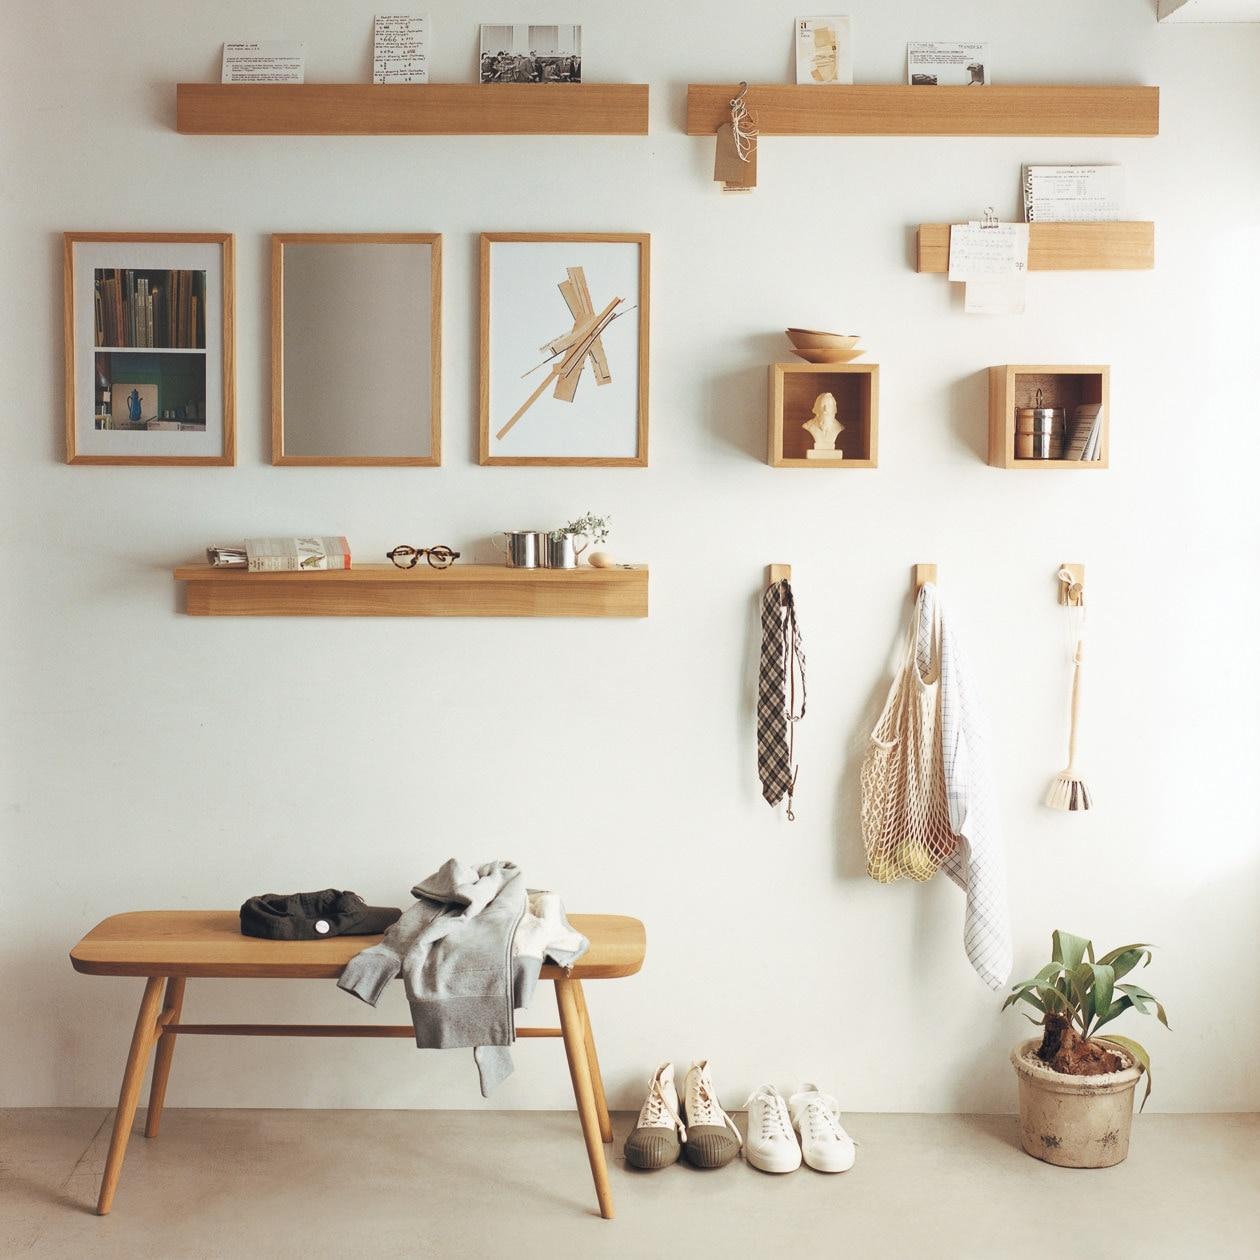 品揃えの拡大と無印良品の最新のサービスを導入。着心地の良いウェアや素材にこだわった食品、使い勝手を考えたステーショナリーや家具まで、暮らしのすべてがそろい  ...